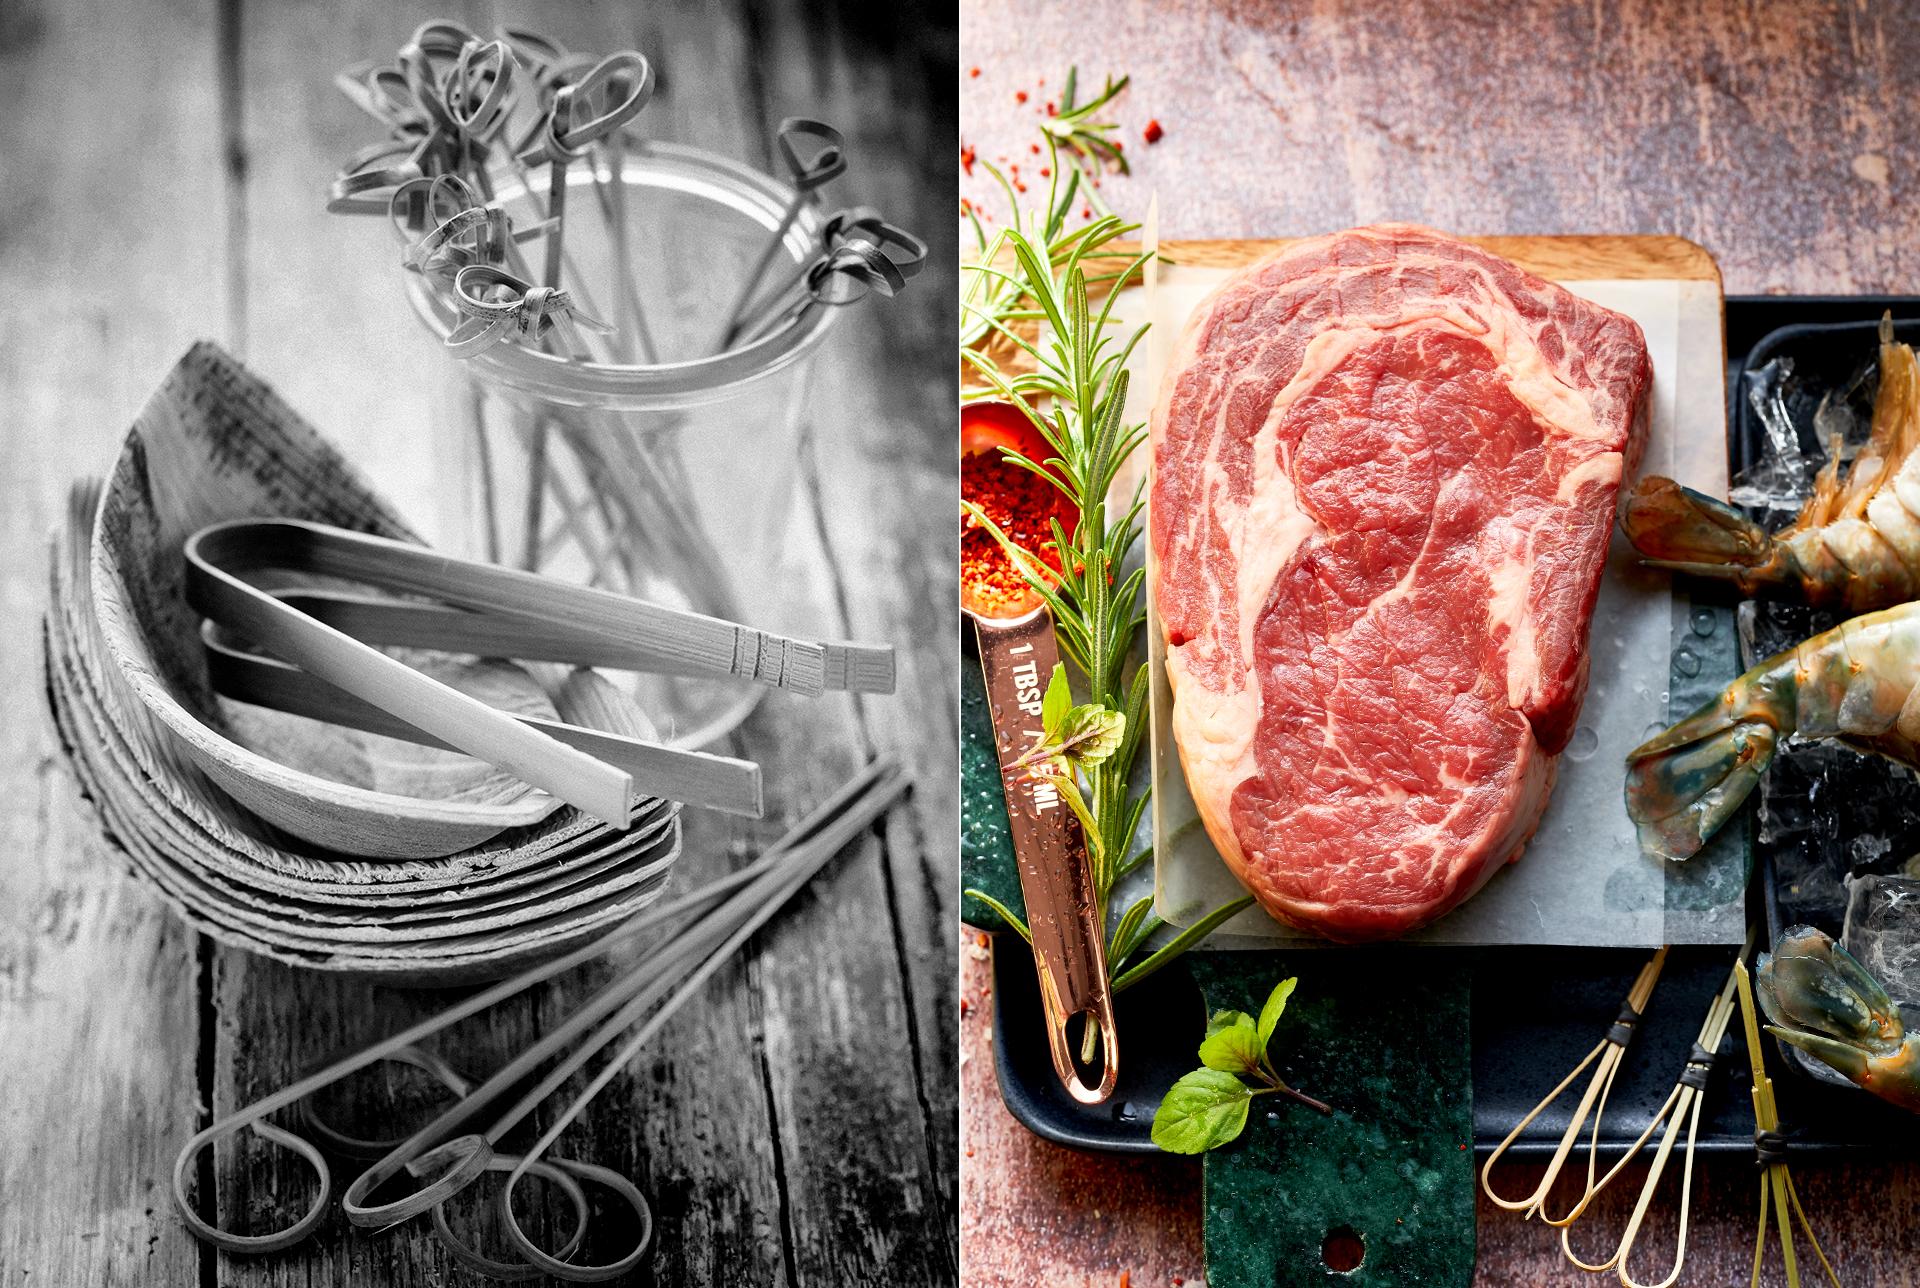 rohes Steak mit rohen Garnelen, Rosmarin und Chiliflocken. gestapeltes Einweggeschirr mit Holzspiessen fotografiert von Katrin Winner